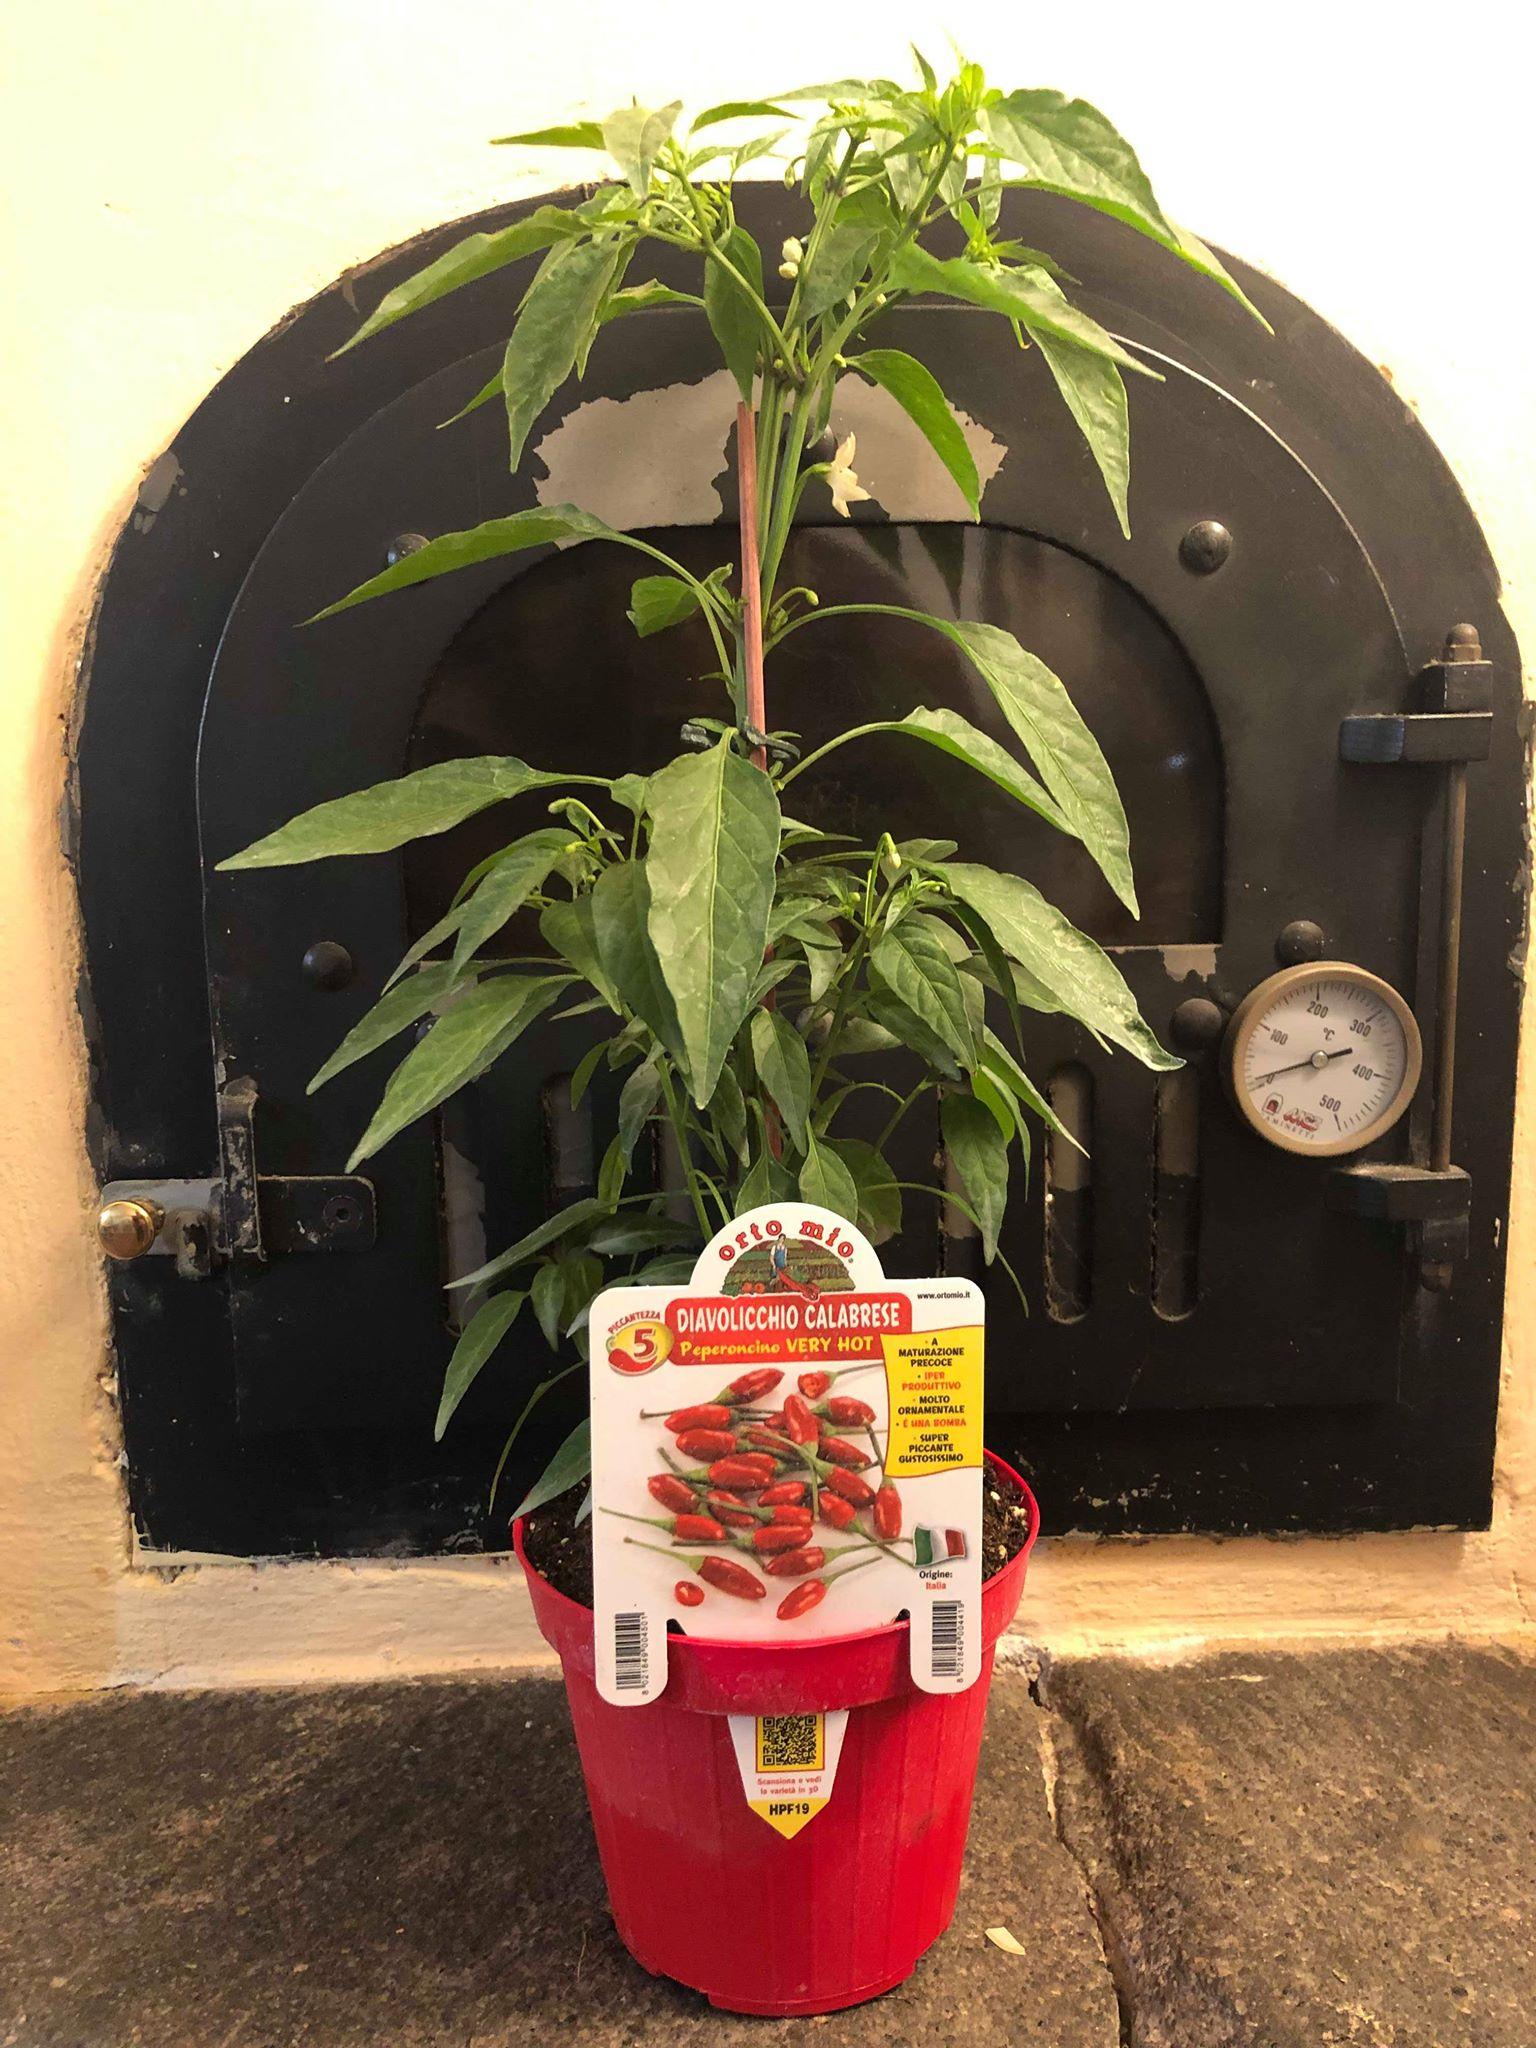 Peperoncino Piccante - Piantina in vaso - Orto mio Calabrese diavolicchio Italico